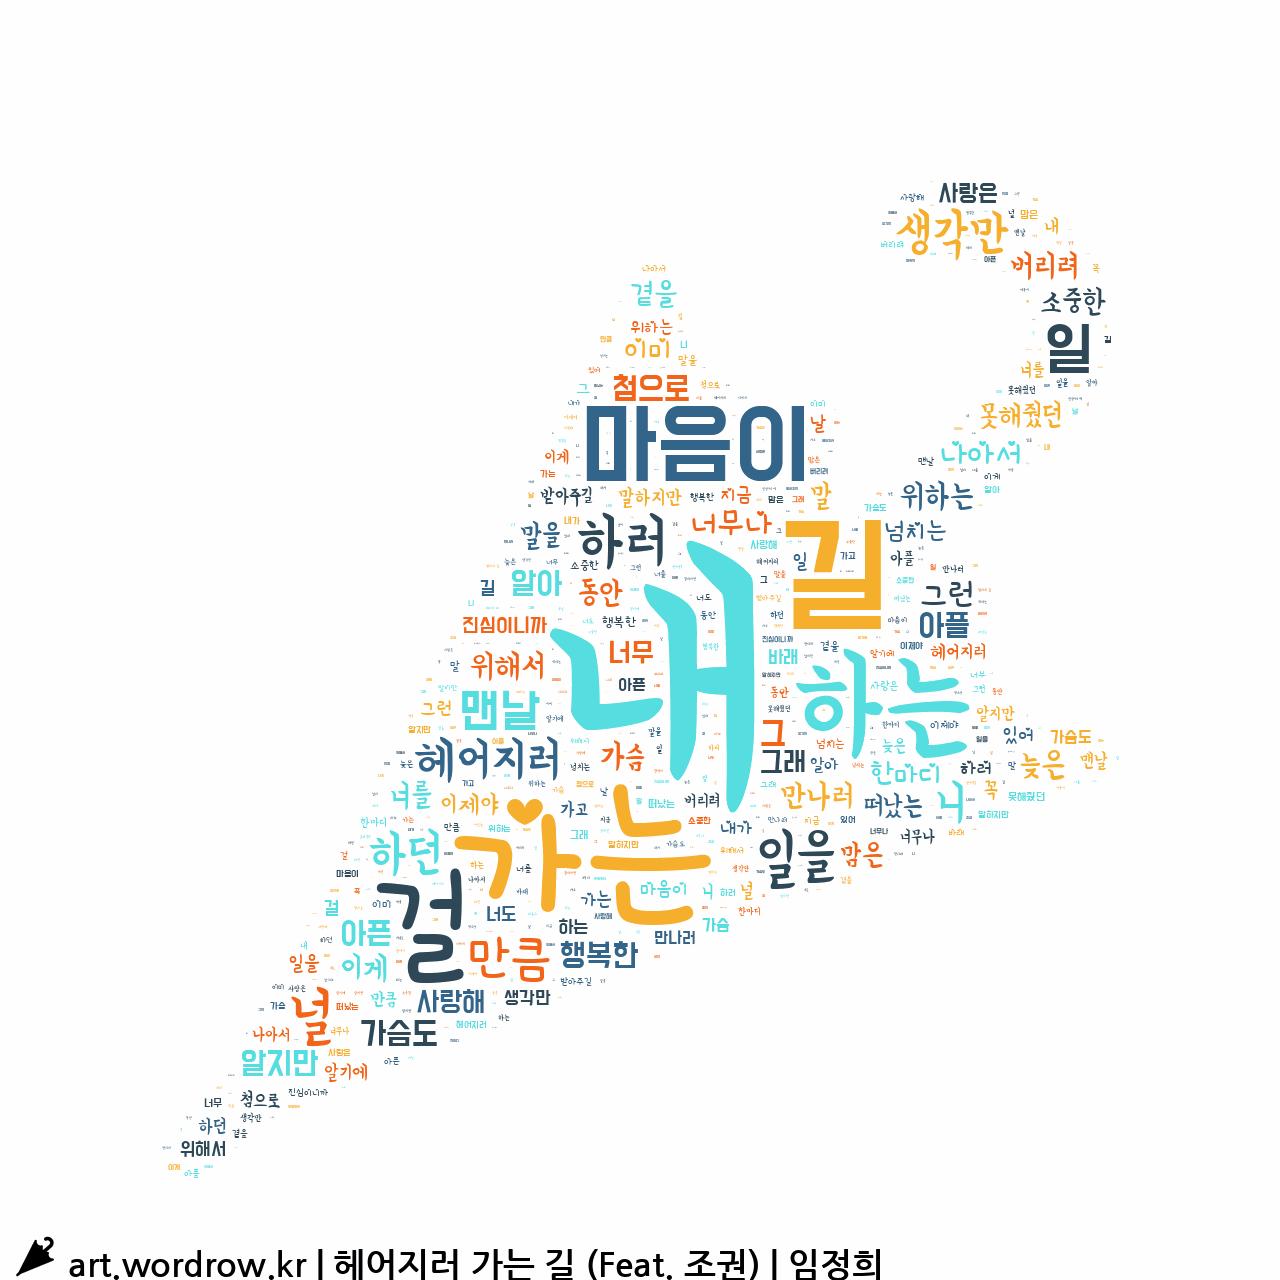 워드 클라우드: 헤어지러 가는 길 (Feat. 조권) [임정희]-12